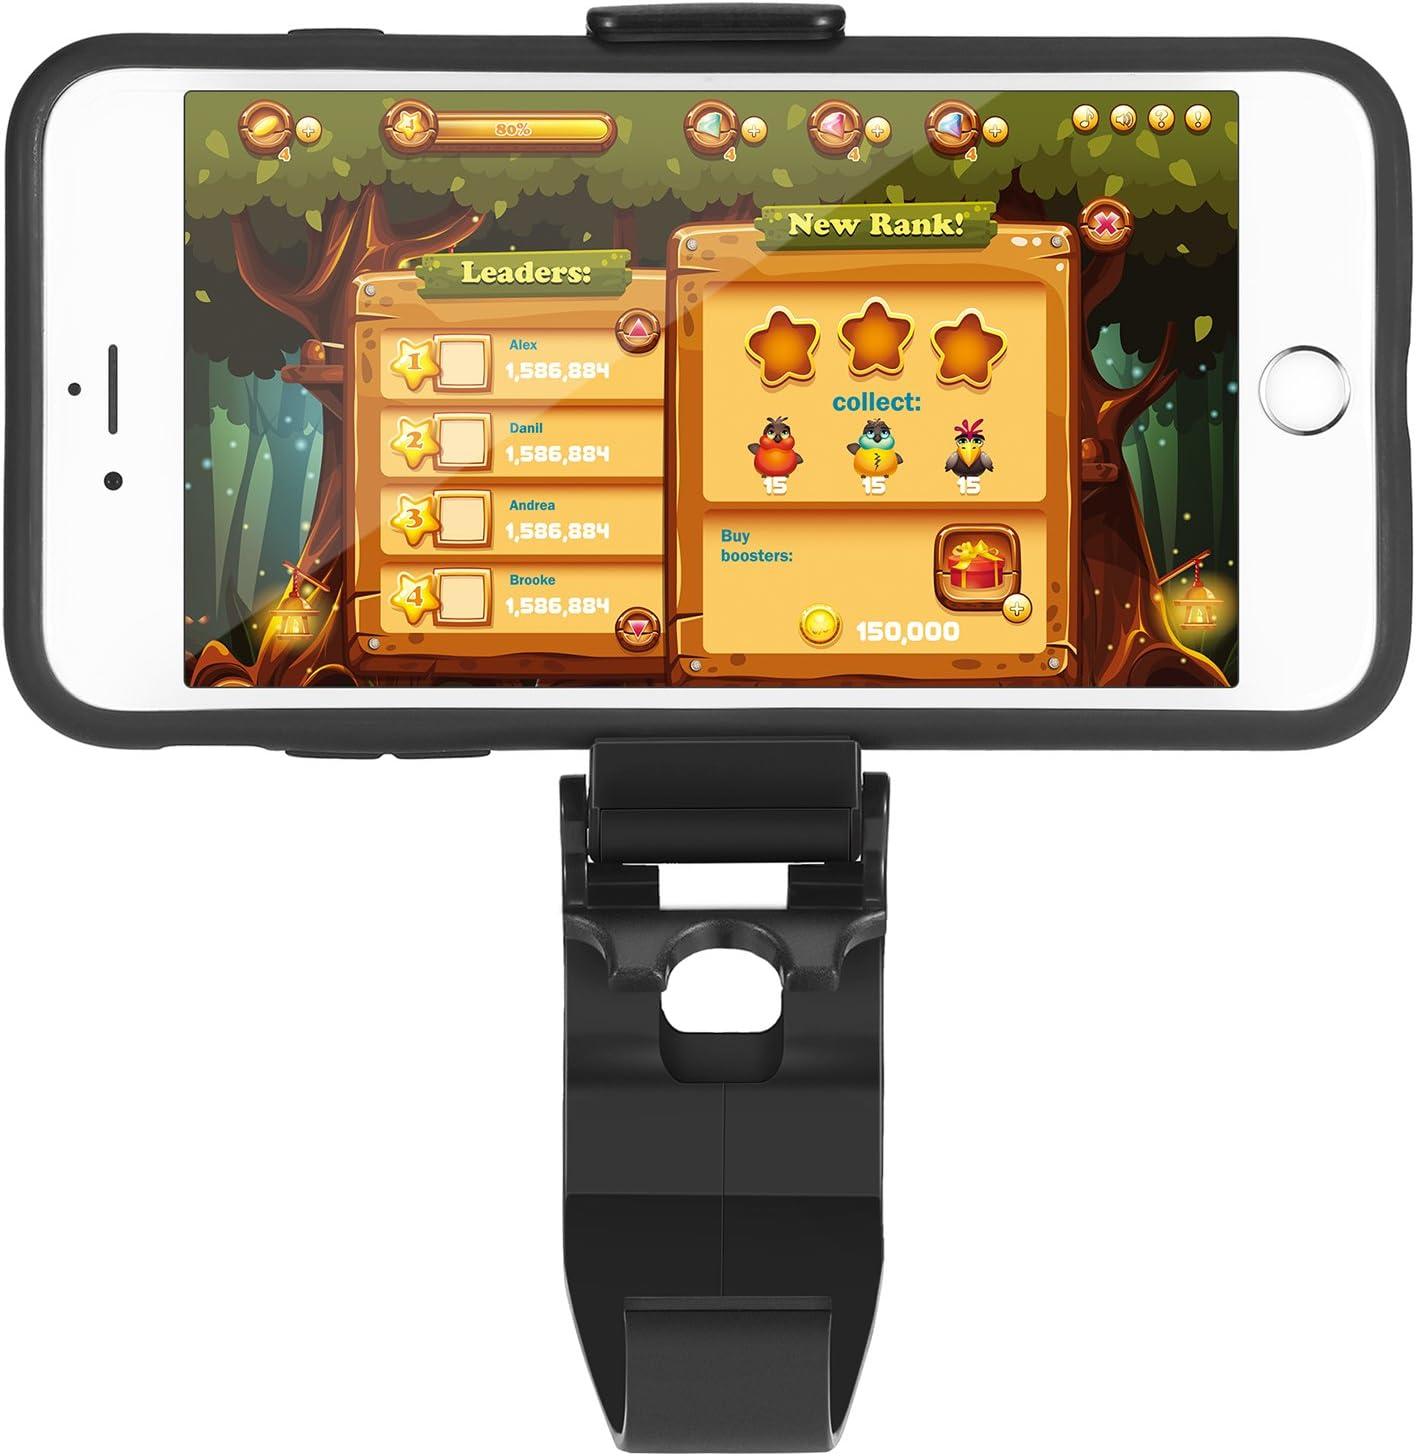 Clip de Móvil Clip de Controlador Plegable One Soporte Abrazadera de Juego para Xbox Android Teléfono Móvil Teléfono Inteligente (2 Paquetes): Amazon.es: Videojuegos